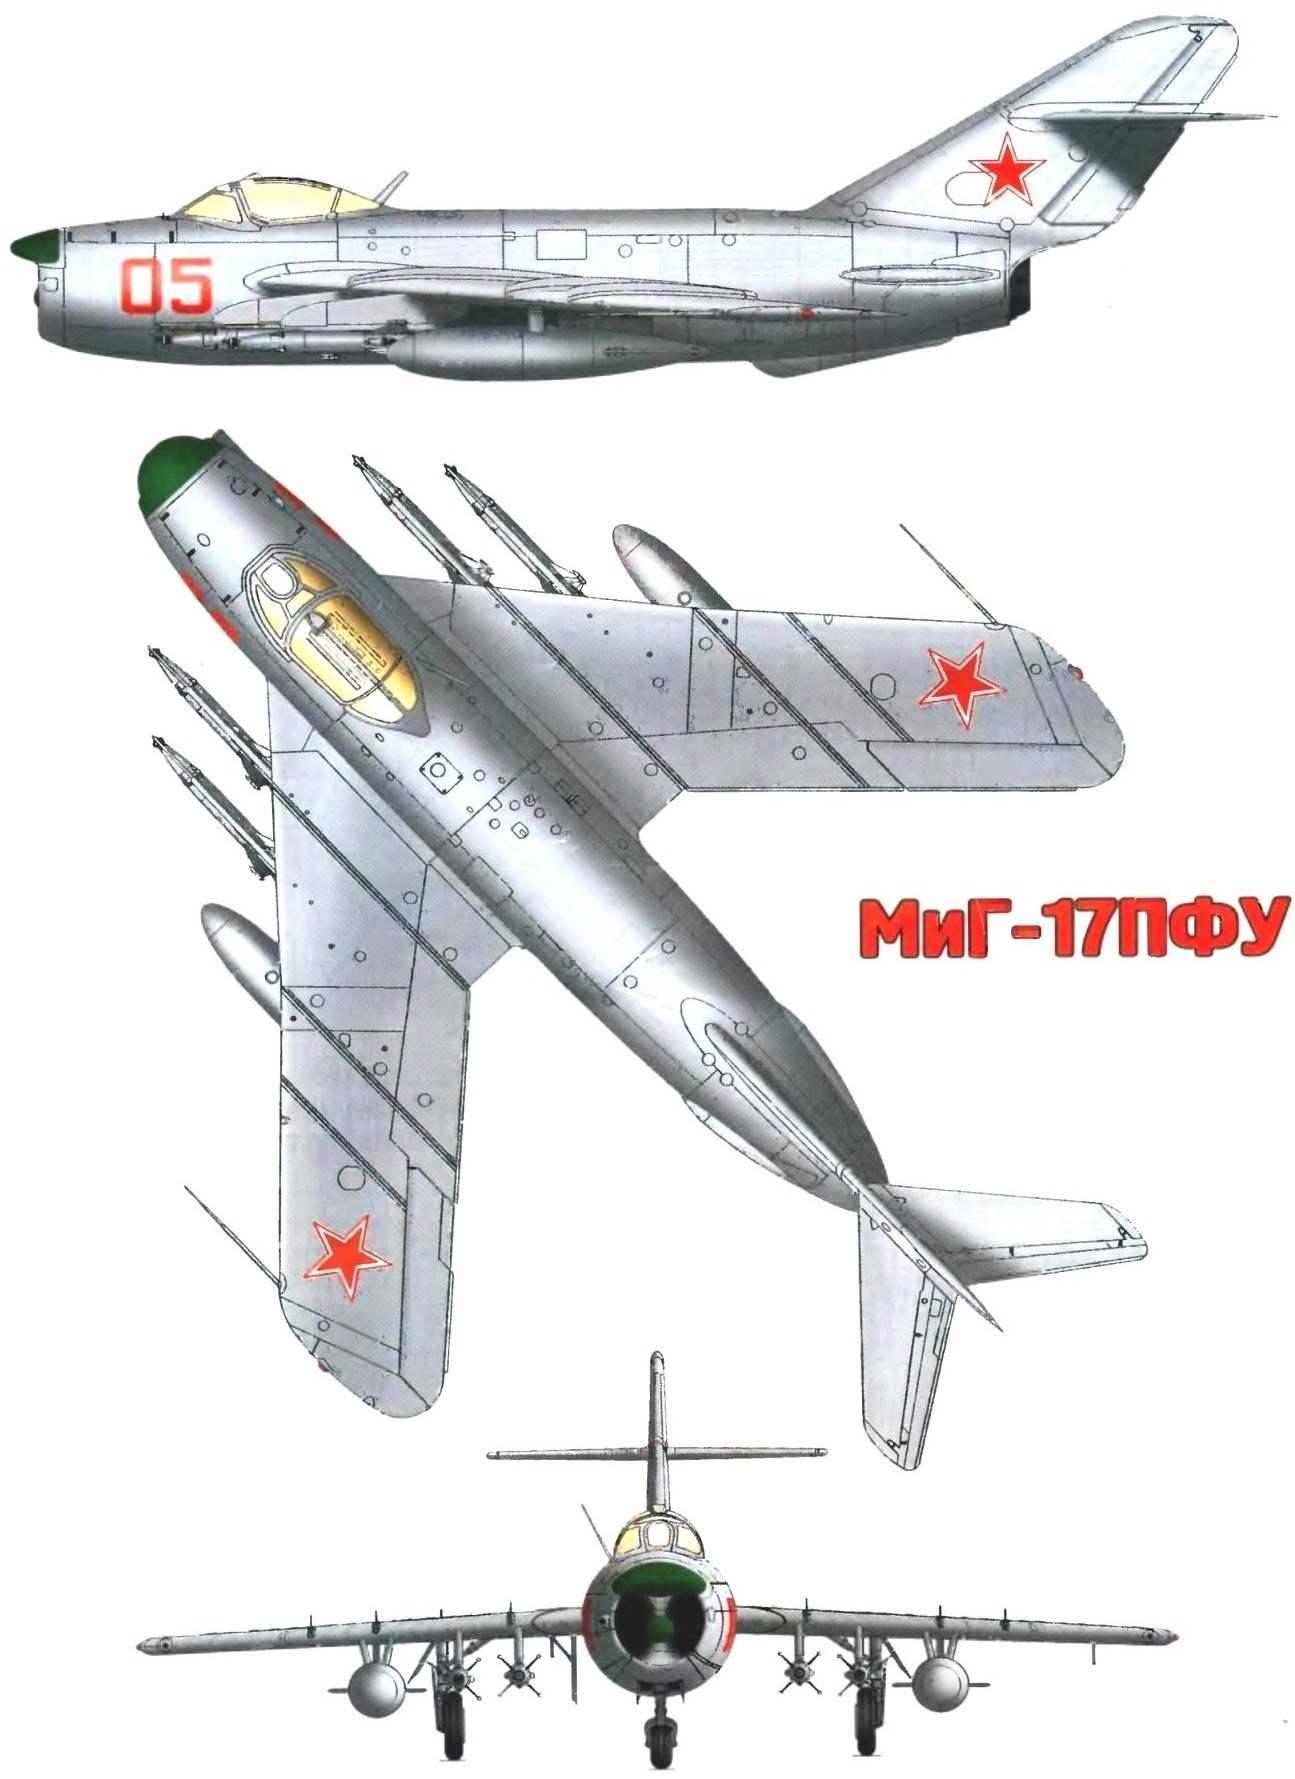 Истребитель-перехватчик МиГ-17ПФУ, Московский округ ПВО, начало 1960-х годов